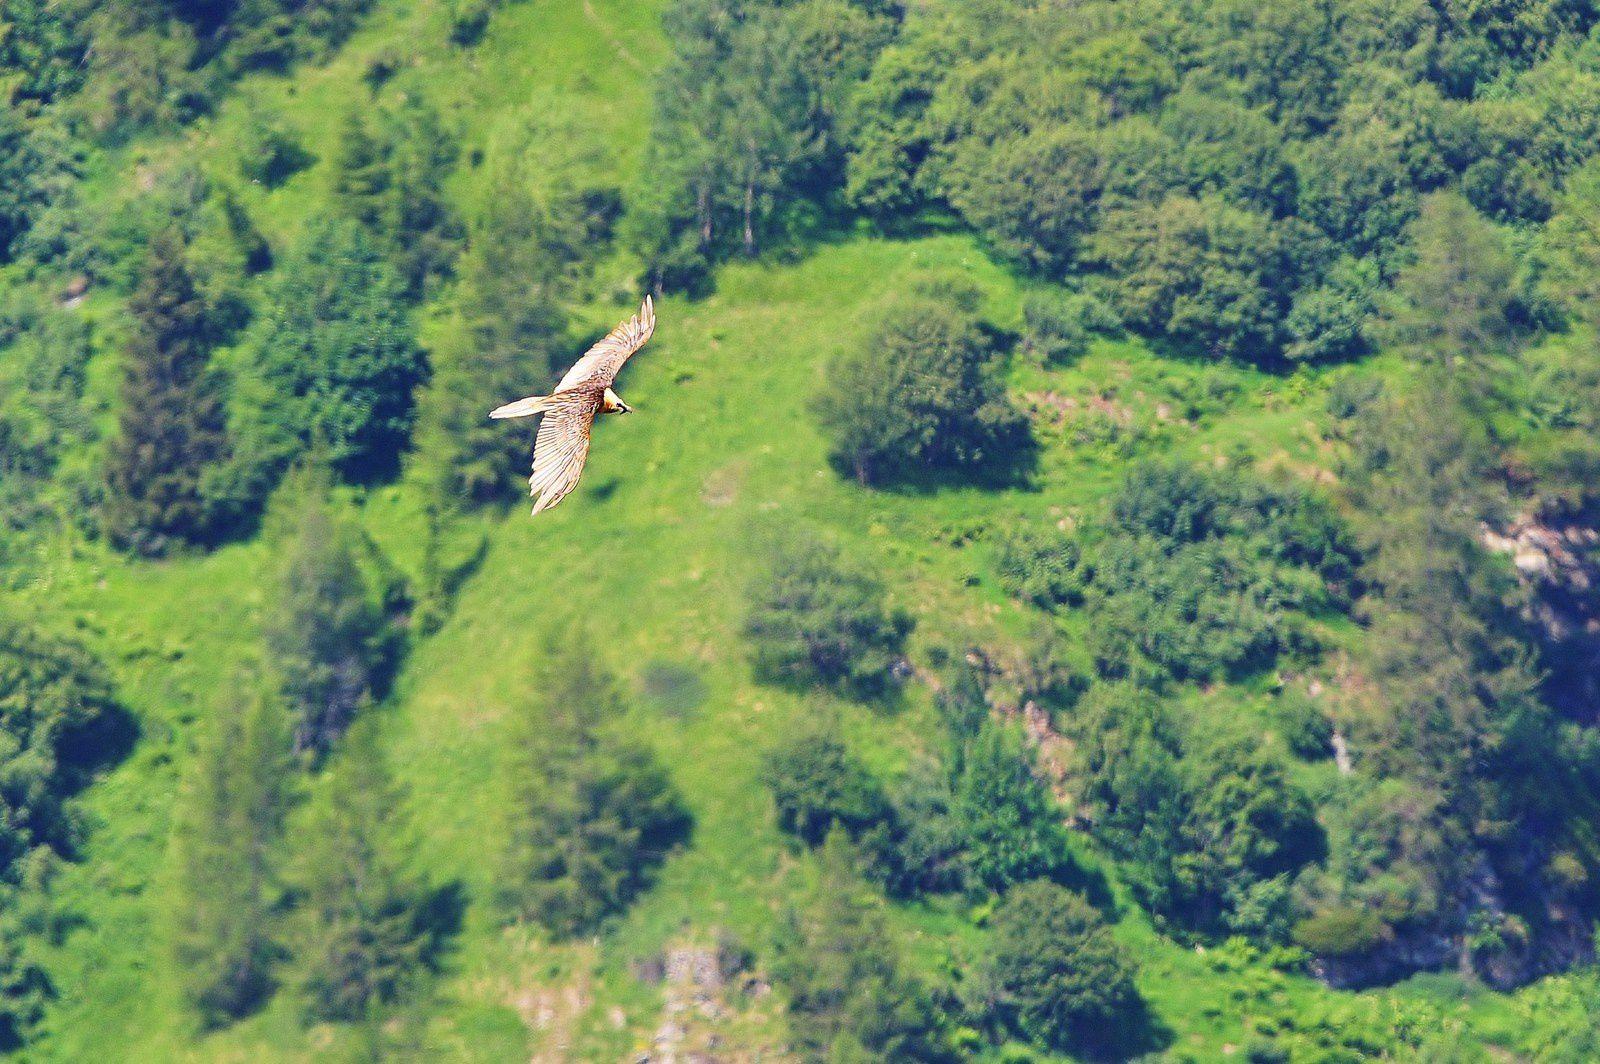 Gypaète barbu (Gypaetus barbatus).